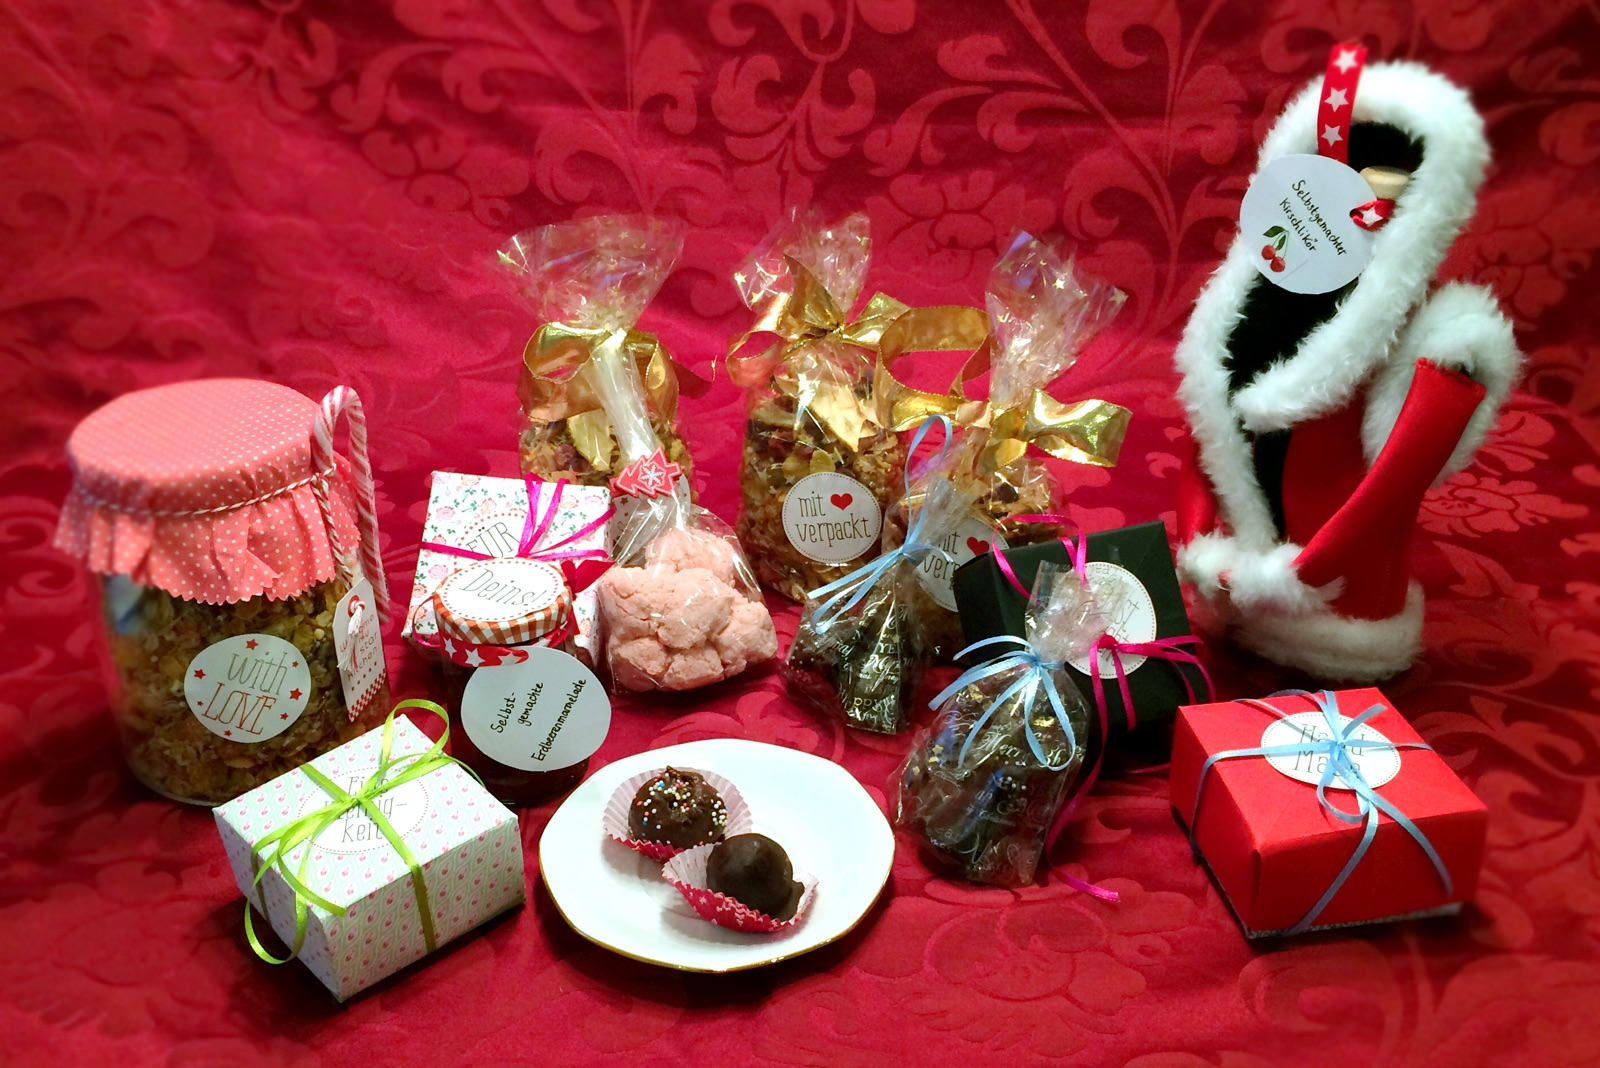 Mit Liebe gebacken und gebastelt: Unsere selbst gemachten Weihnachtsgeschenke.